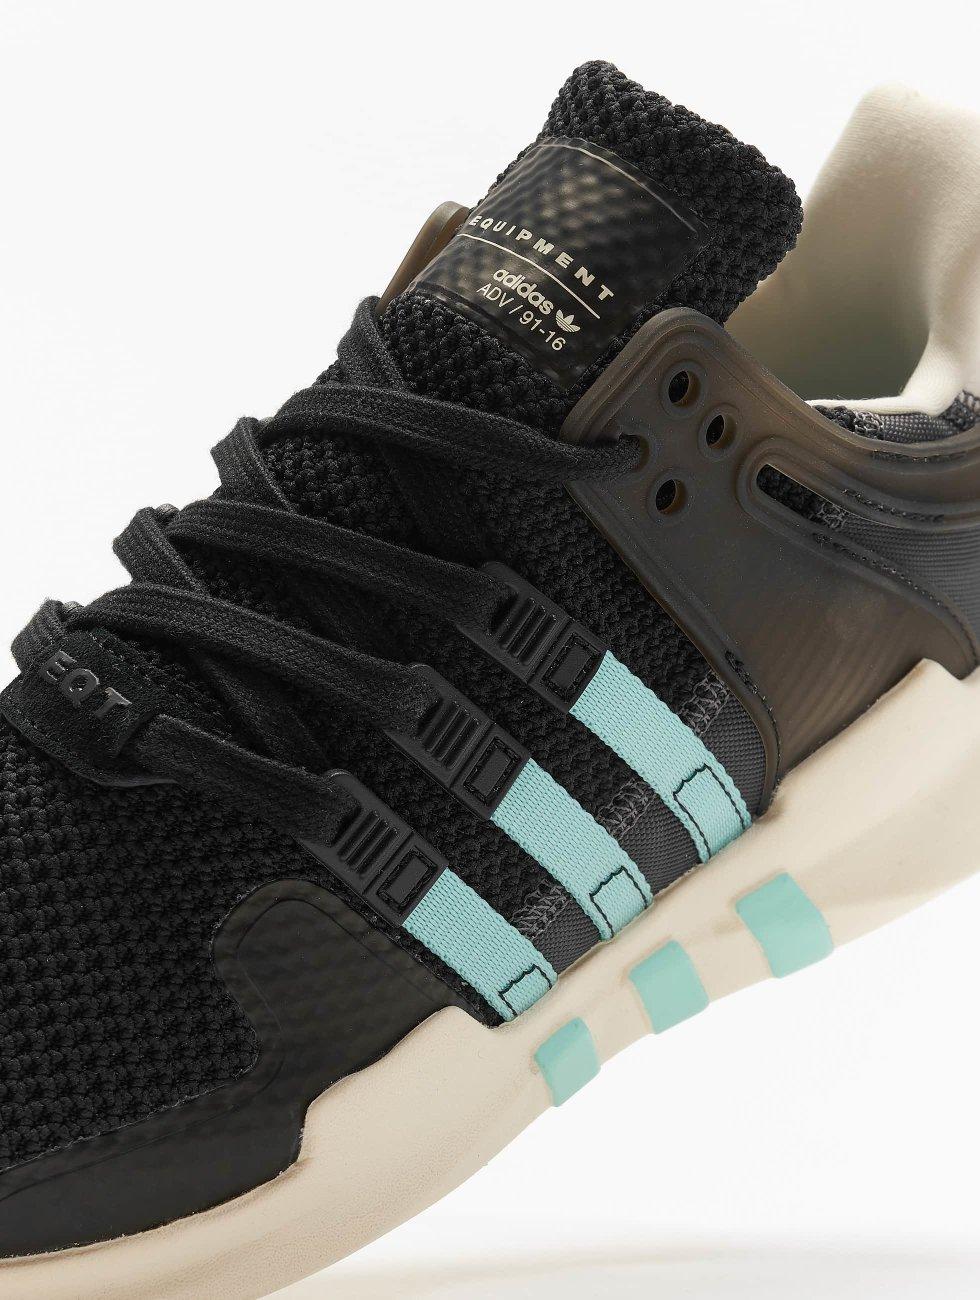 De Grootste Leverancier Van Goedkope Prijs adidas originals schoen / sneaker Equipment Support ADV in zwart 302729 Goedkope Winkel Gratis Verzending Finish 2018 Goedkope Prijs S9PdspXM